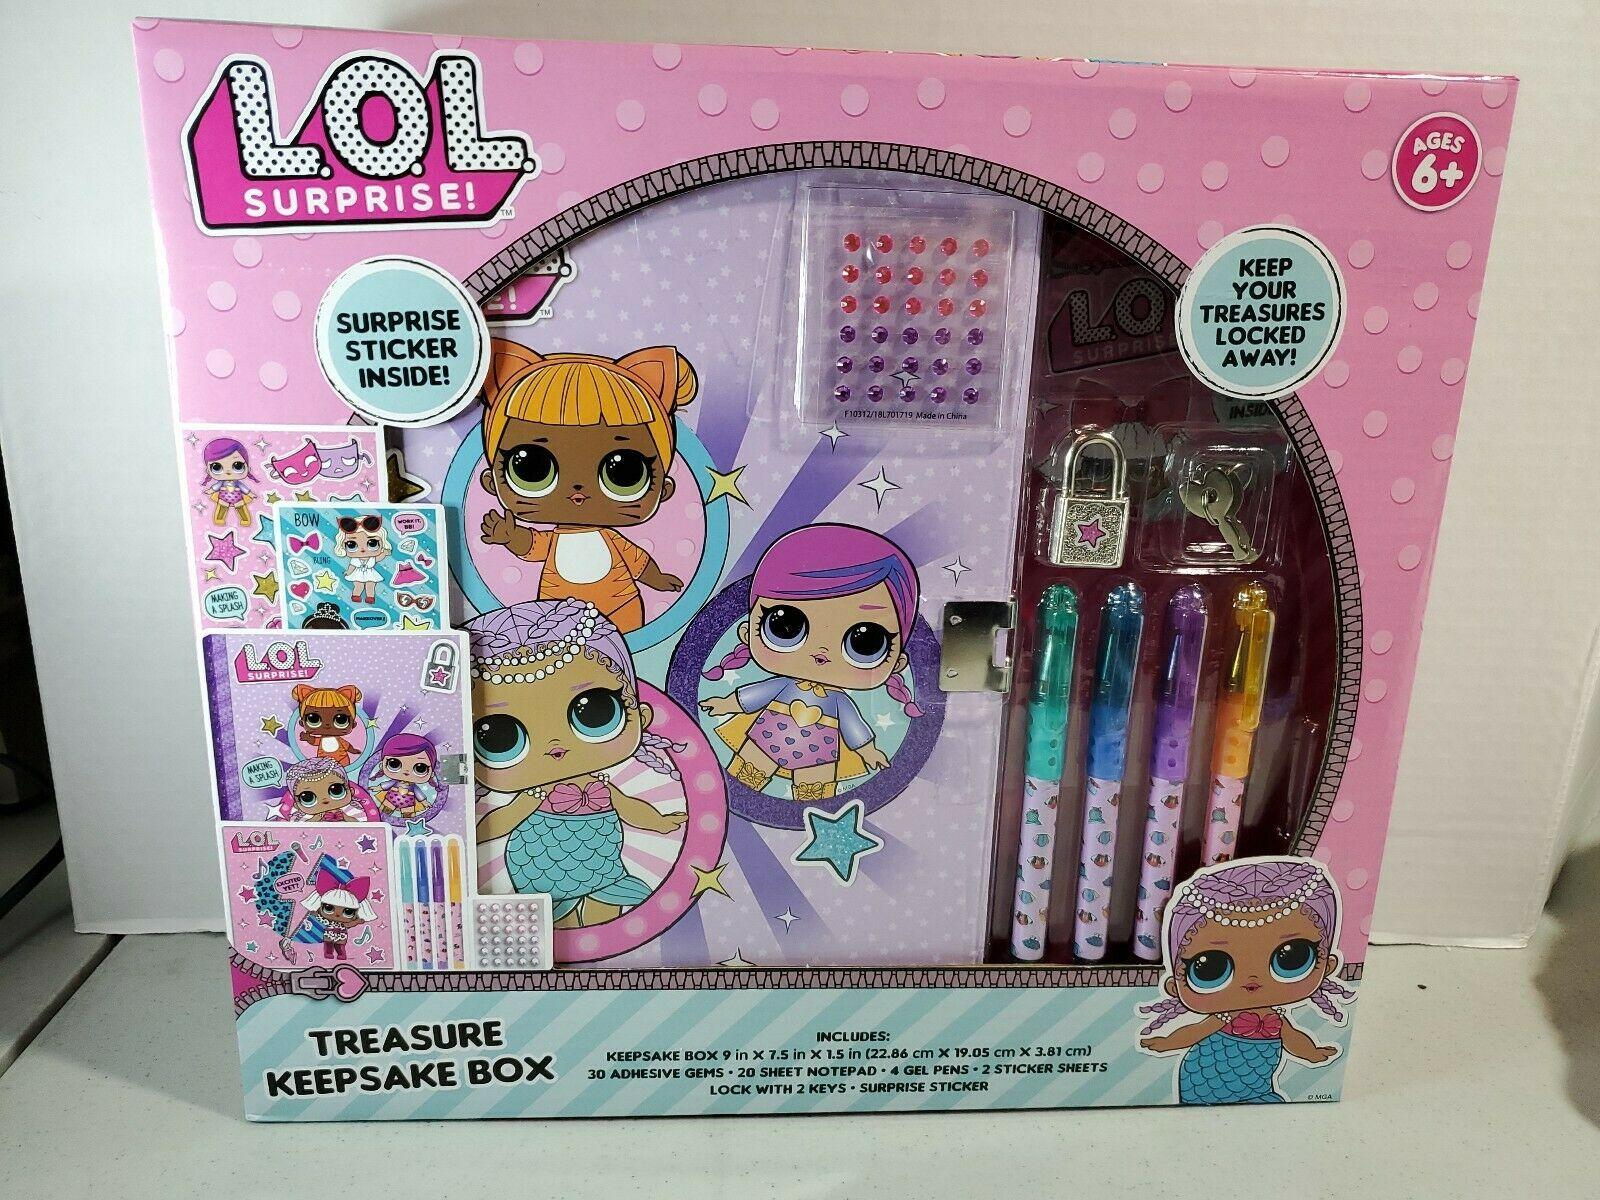 LOL Surprise Treasure Keepsake Box